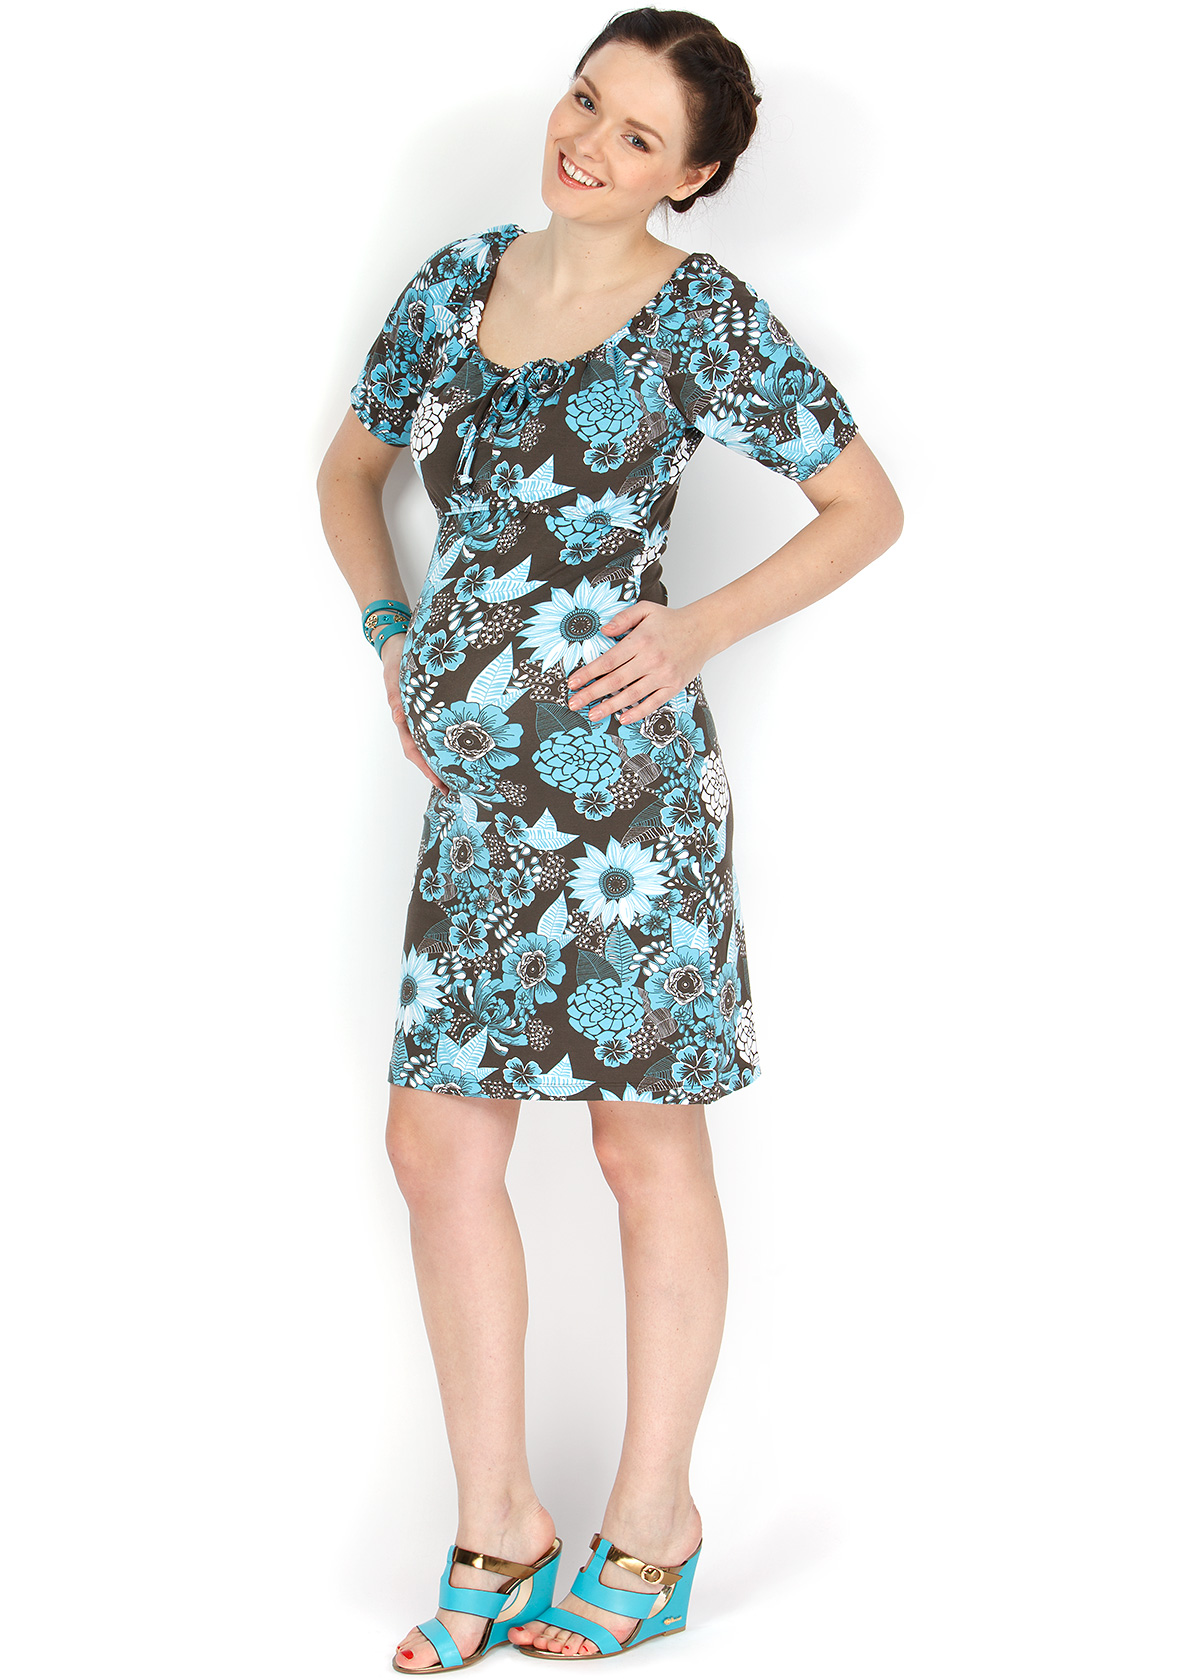 001550cacf50 Летнее платье для беременных и кормления грудью купить в Минске, Платье  ПВ08 цветное для беременных